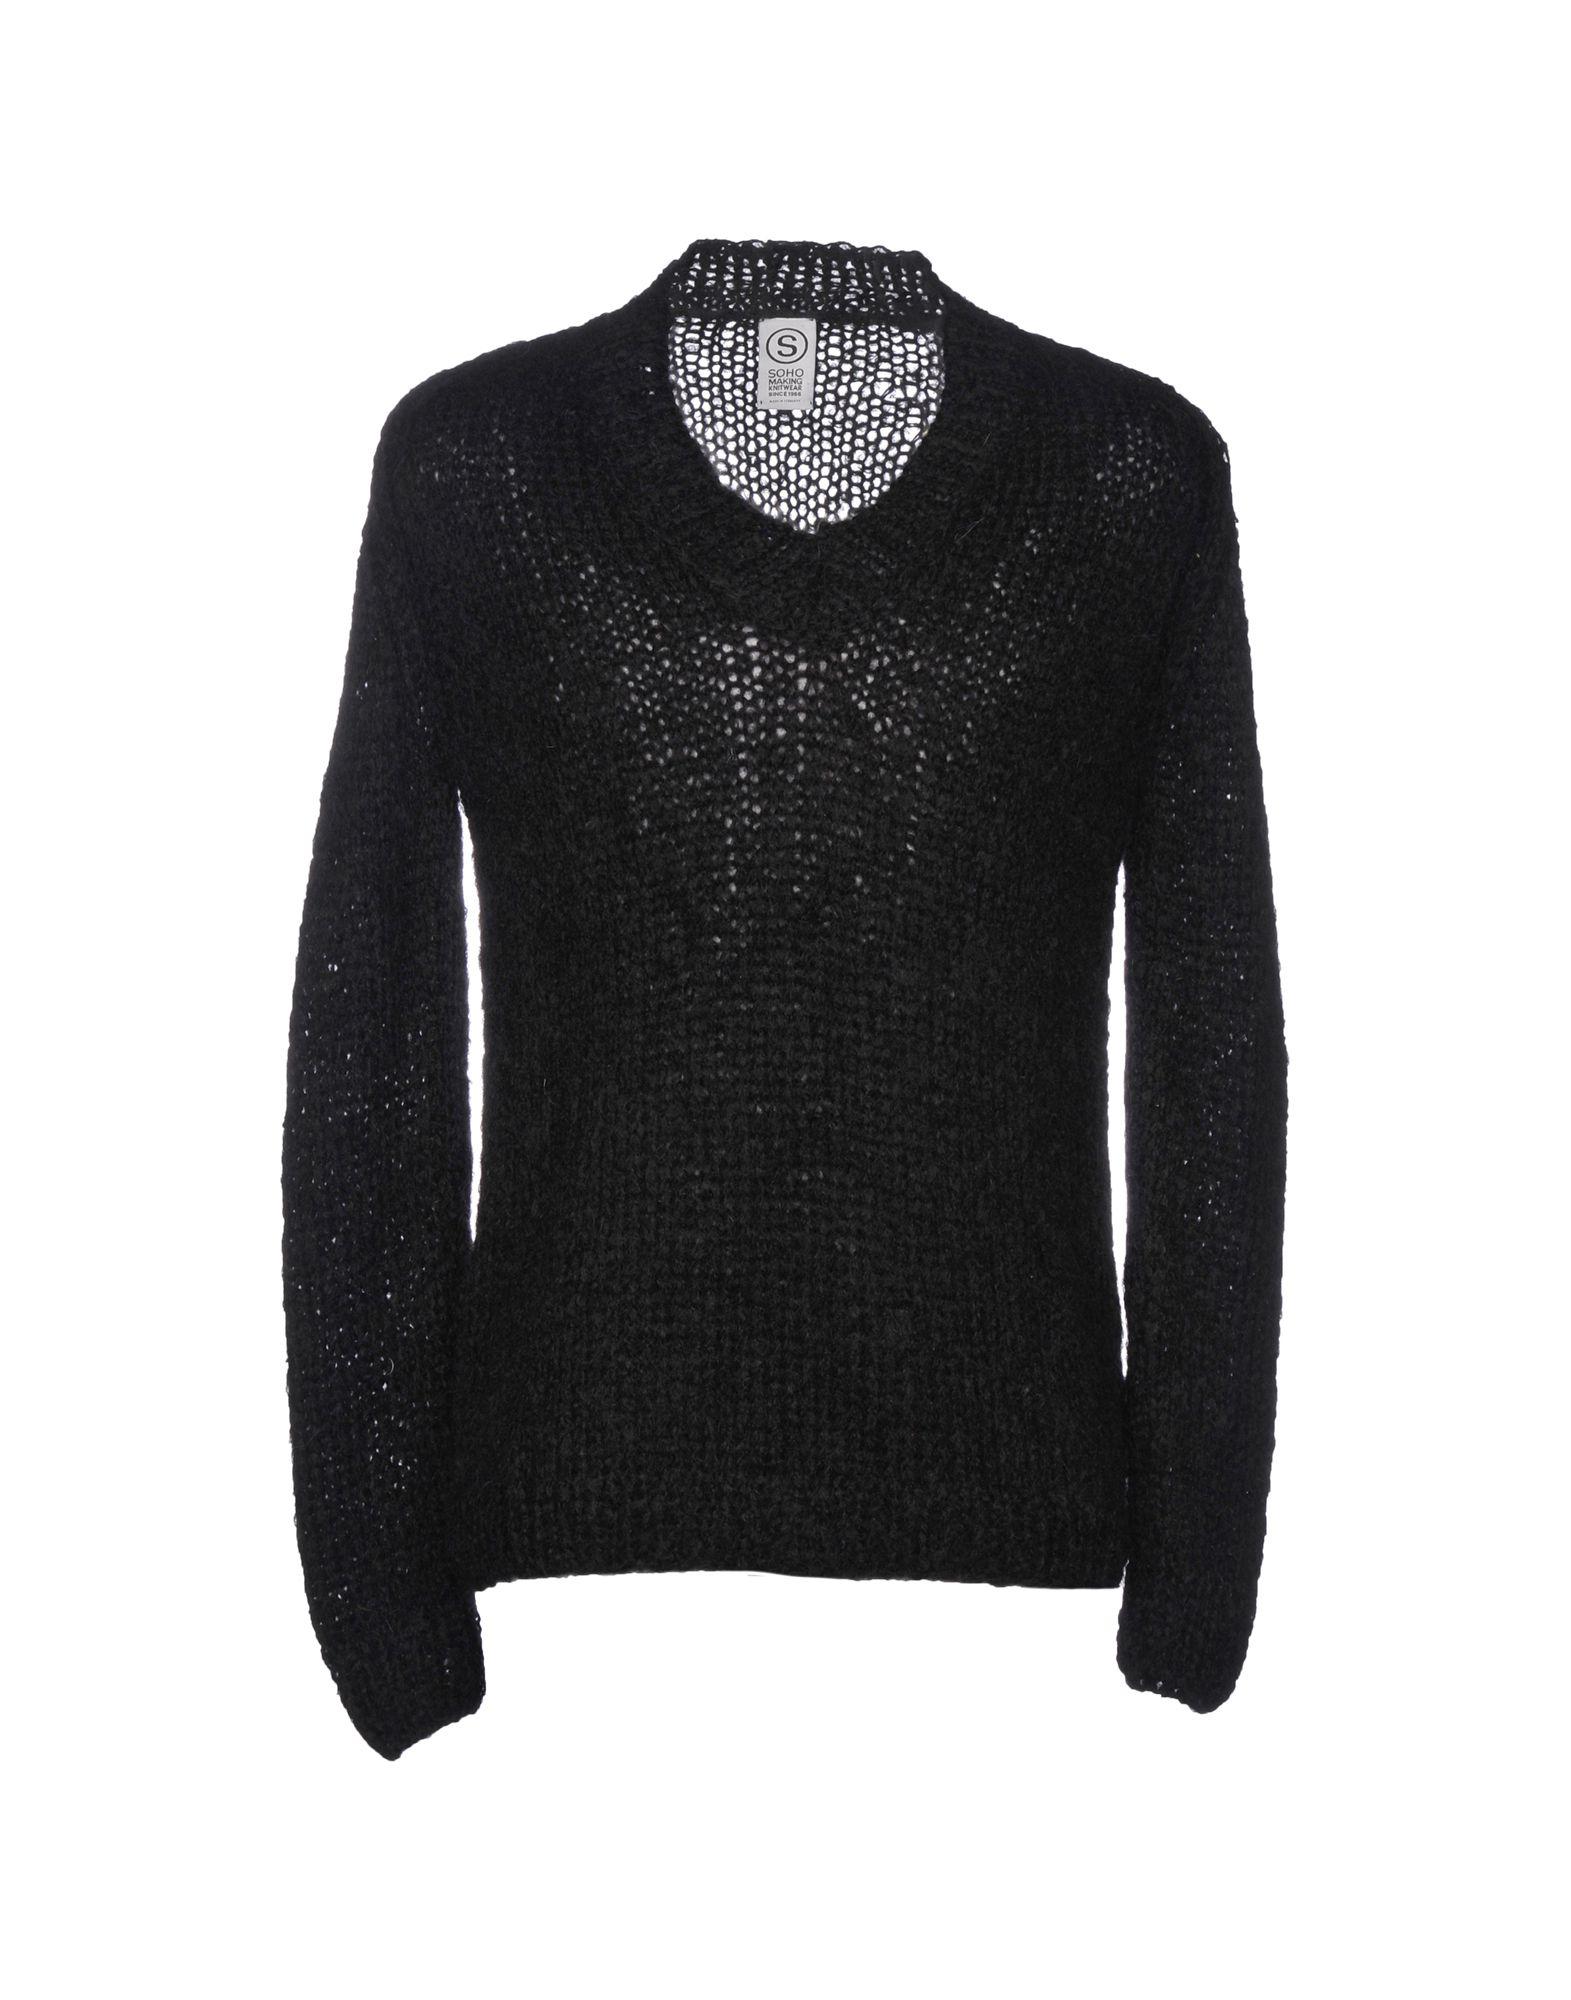 SOHO Sweater in Black